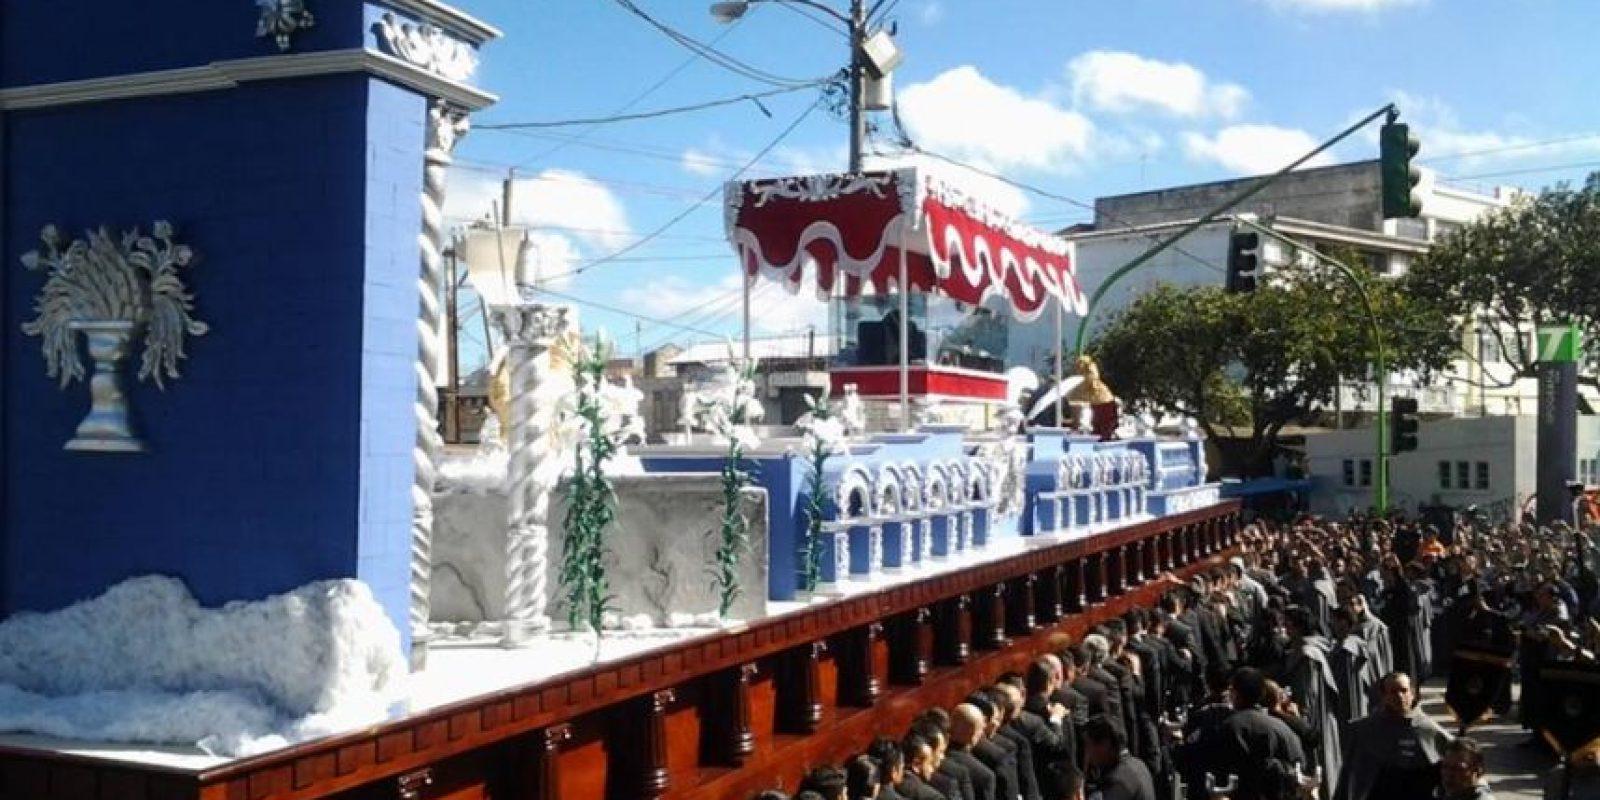 La procesión para conmemorar los 25 años de consagración recorre el Centro Histórico. Foto:Hermandad CC